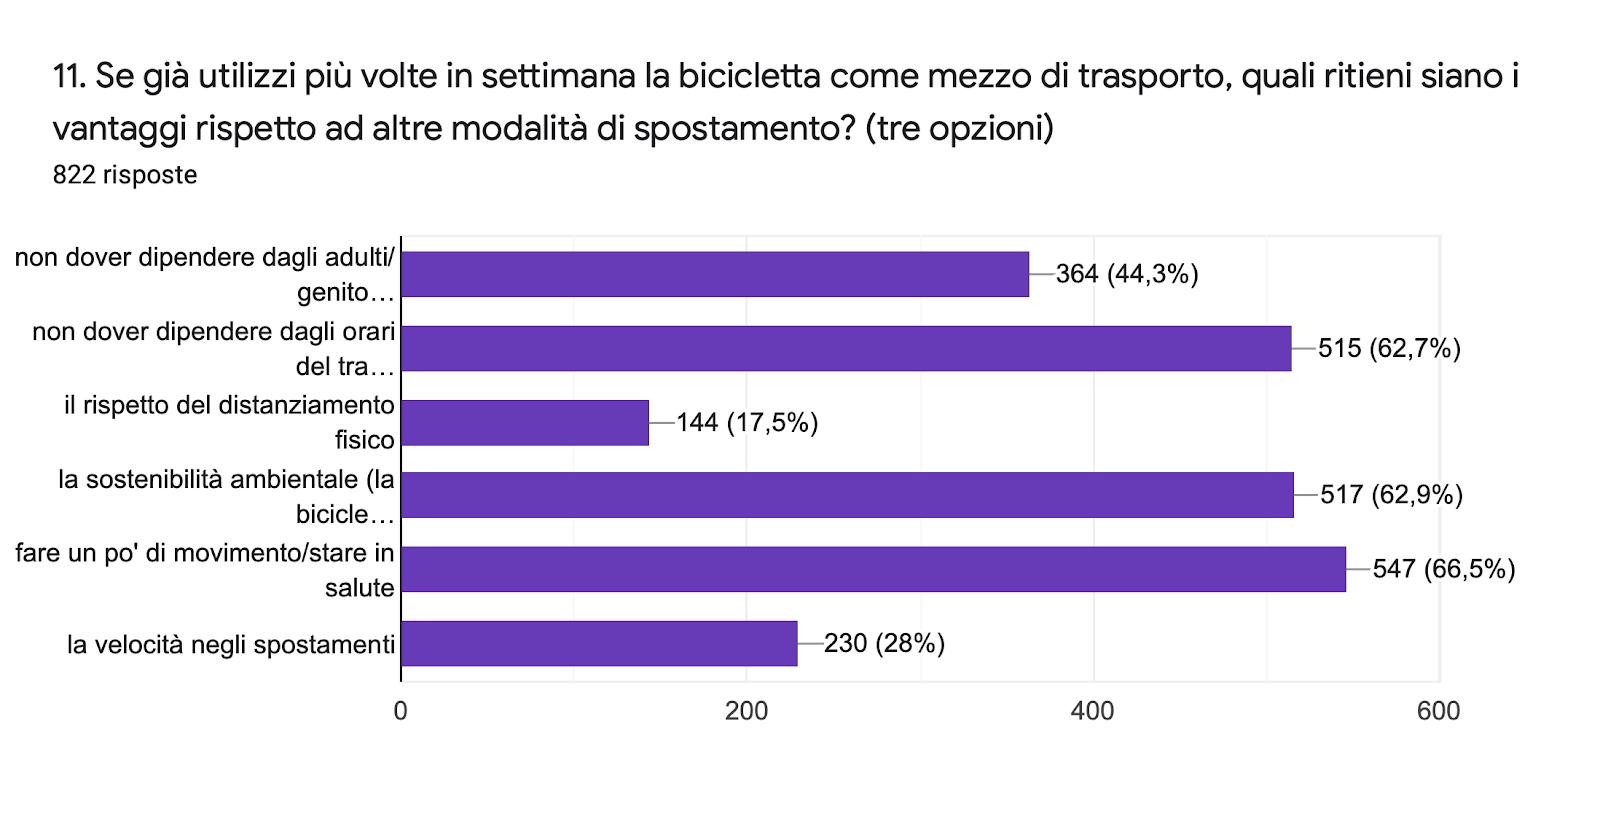 Grafico delle risposte di Moduli. Titolo della domanda: 11. Se già utilizzi più volte in settimana la bicicletta come mezzo di trasporto, quali ritieni siano i vantaggi rispetto ad altre modalità di spostamento? (tre opzioni). Numero di risposte: 822 risposte.